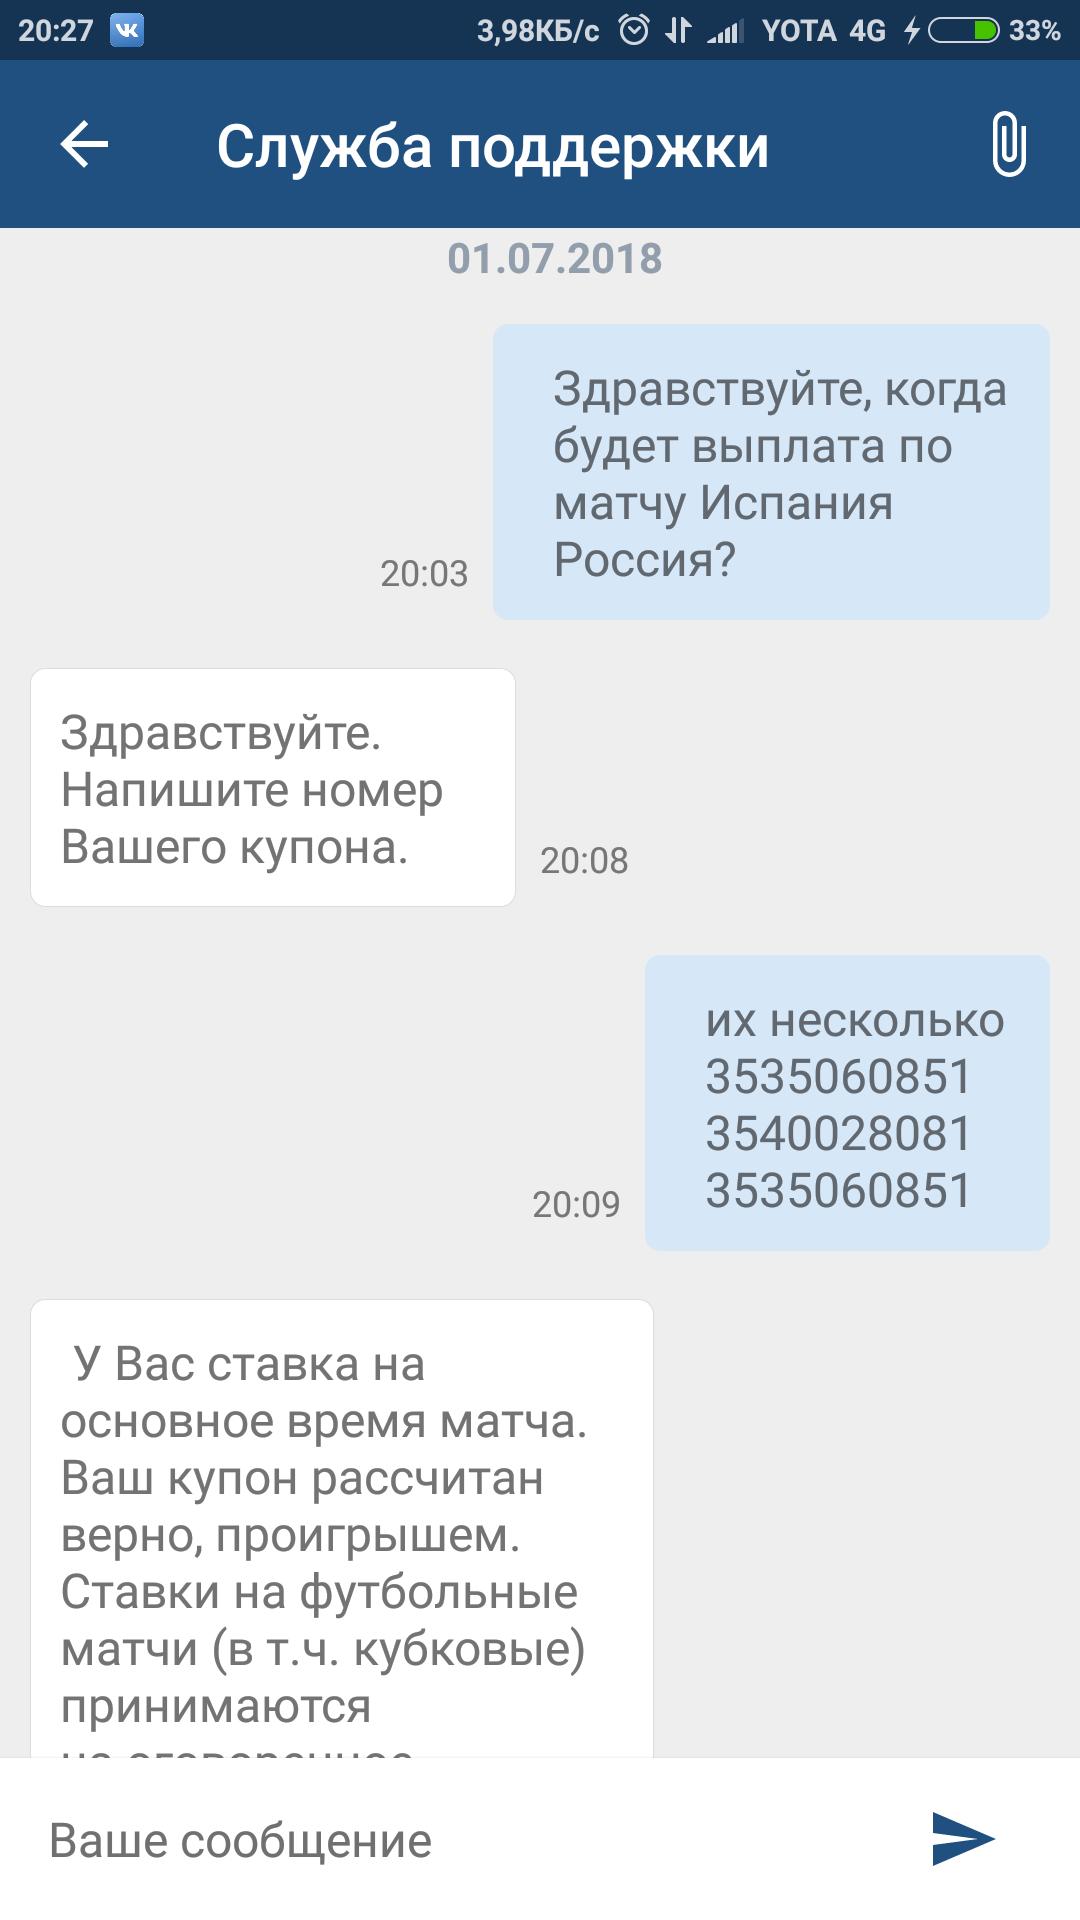 Ставки на футбол россия испания [PUNIQRANDLINE-(au-dating-names.txt) 25